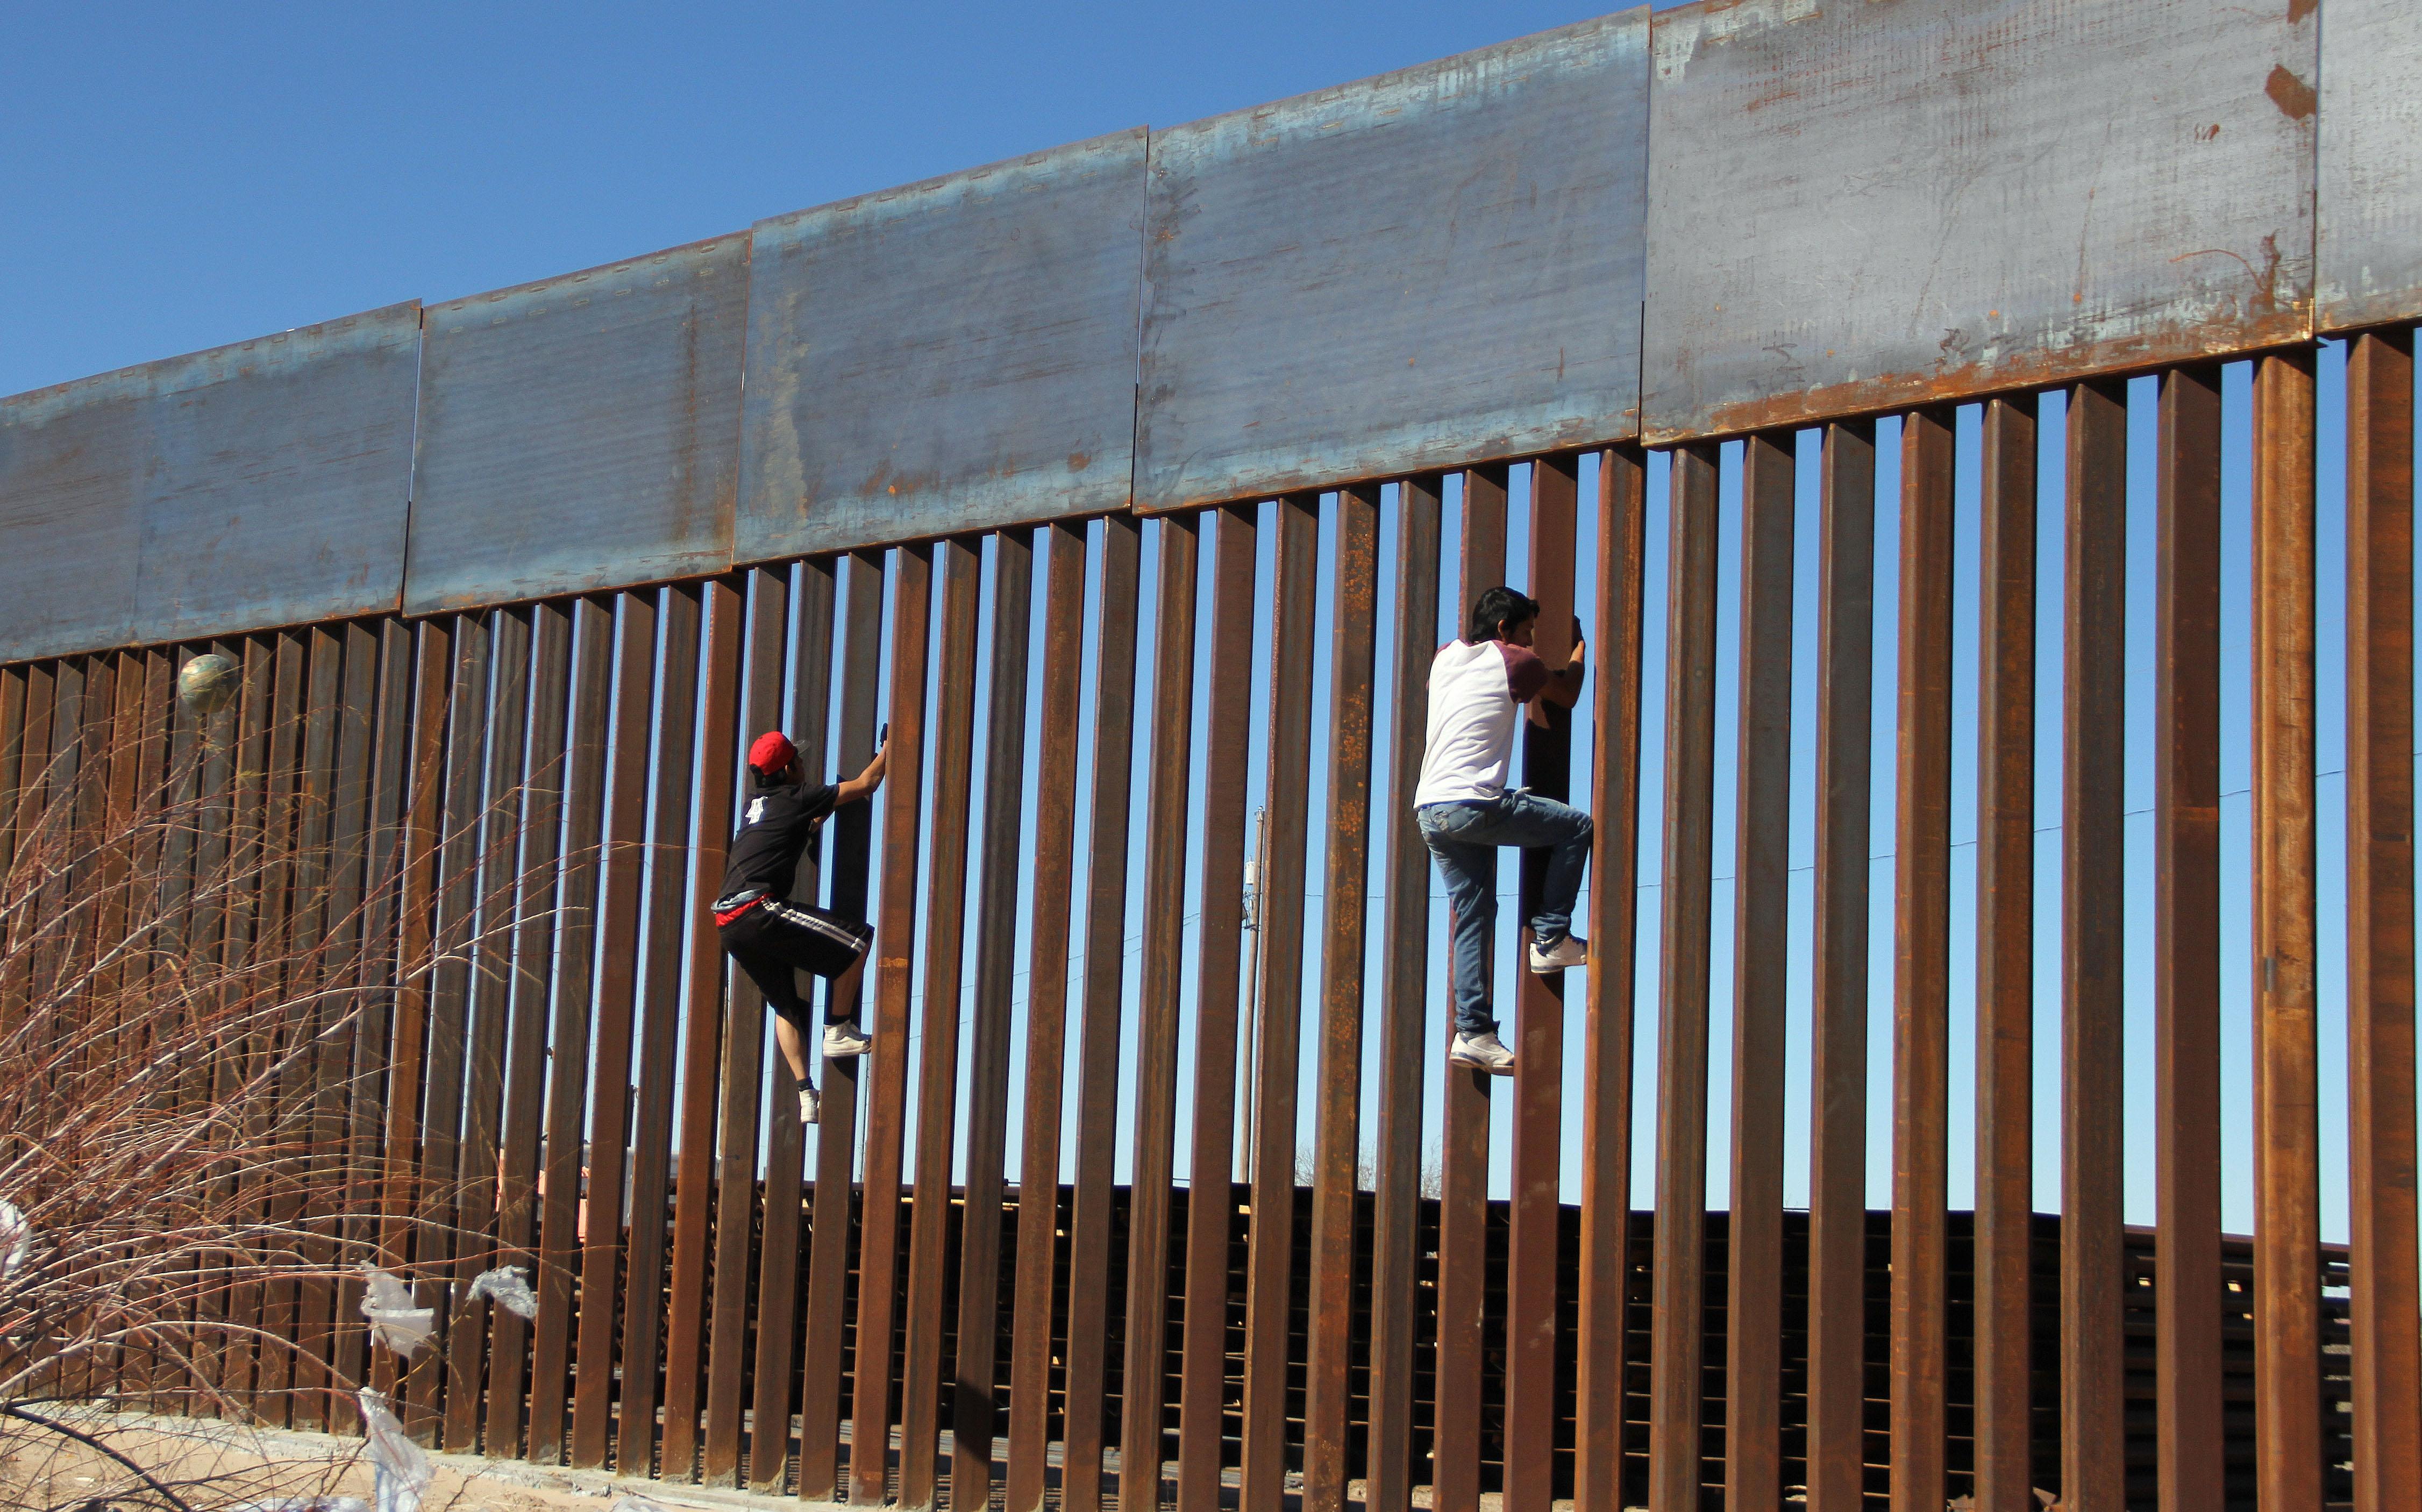 TOPSHOT-MEXICO-US-BORDER